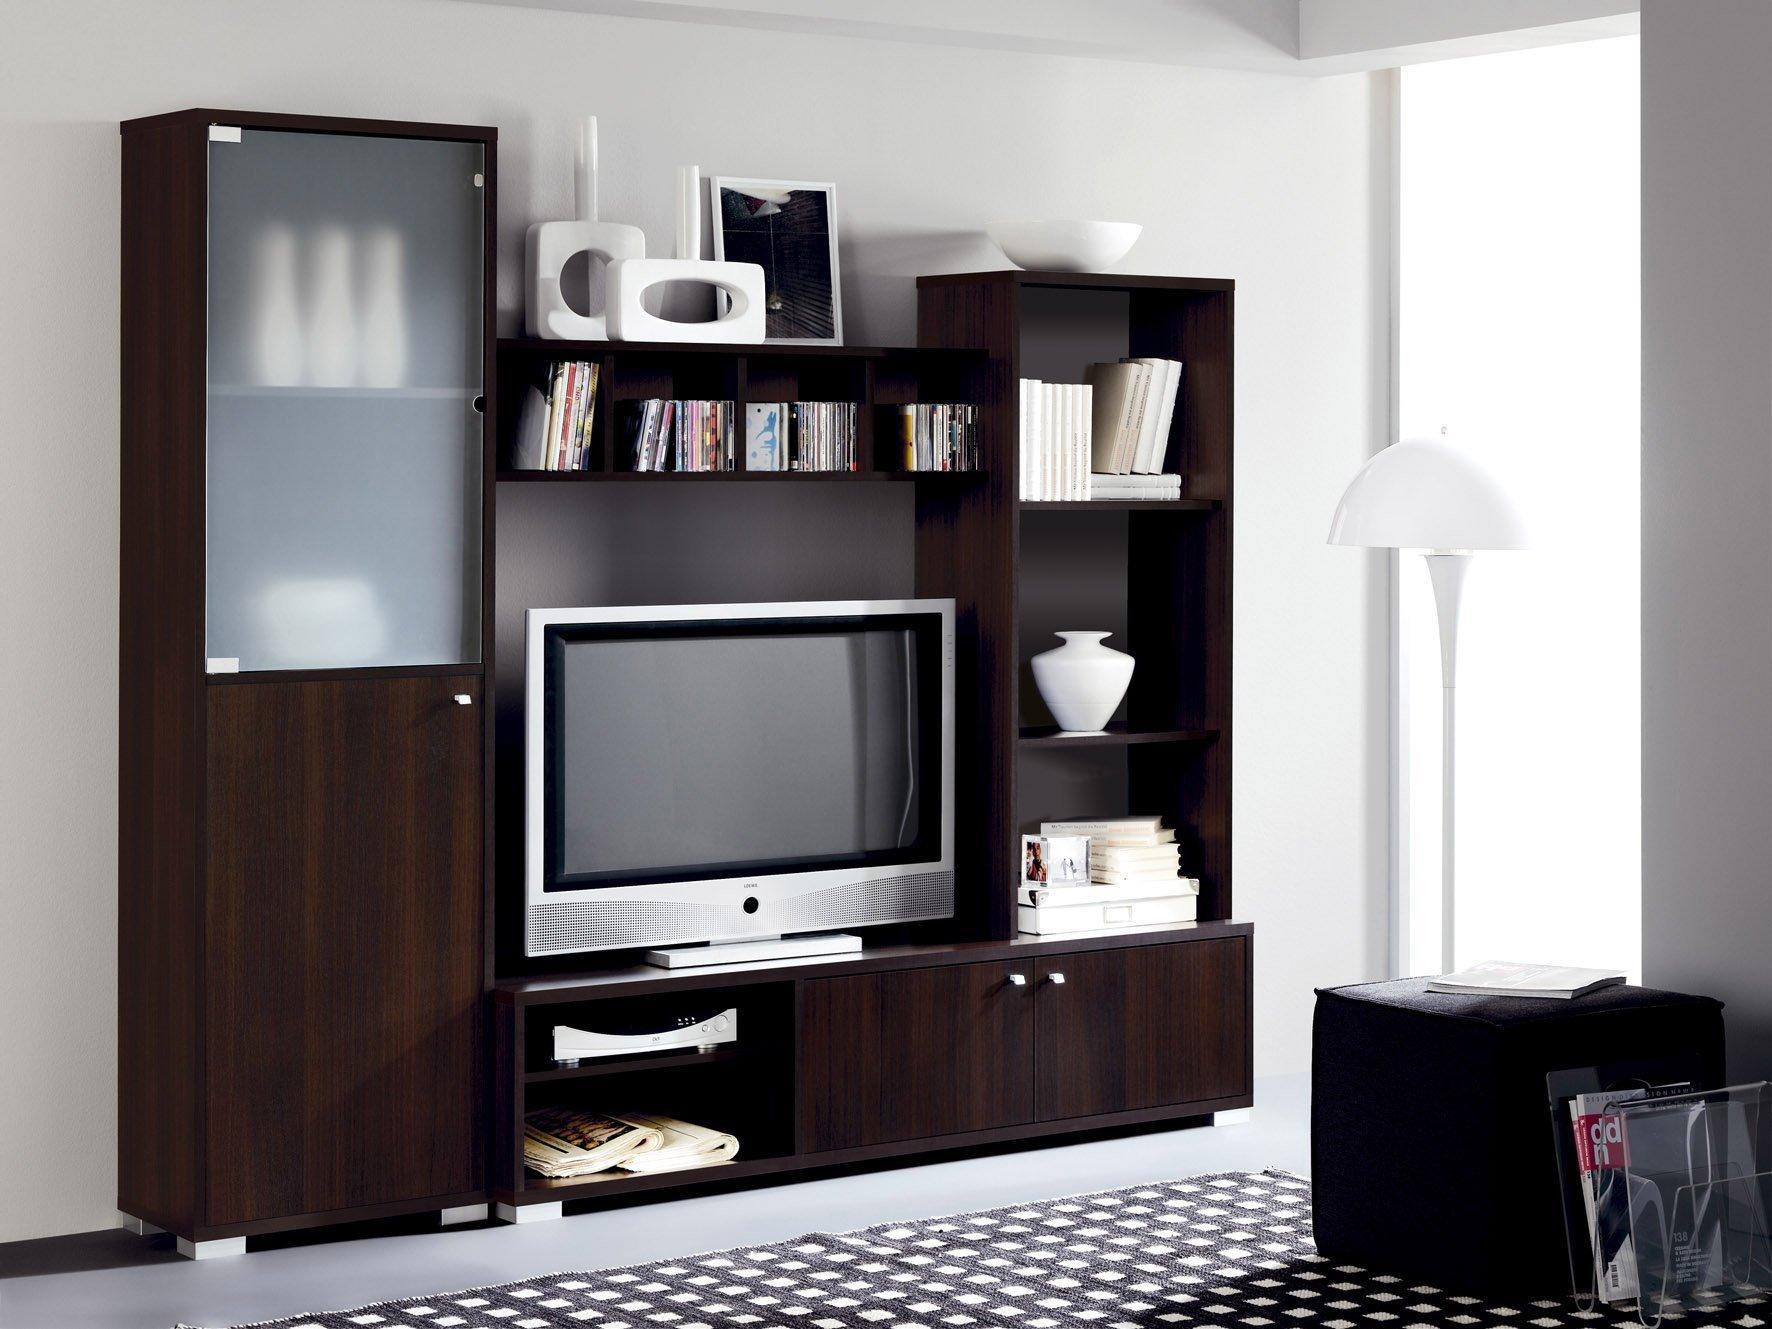 Abitti Mueble Salon Comedor Modular con Vitrina de Cristal 200x180, Color wengue: Amazon.es: Hogar